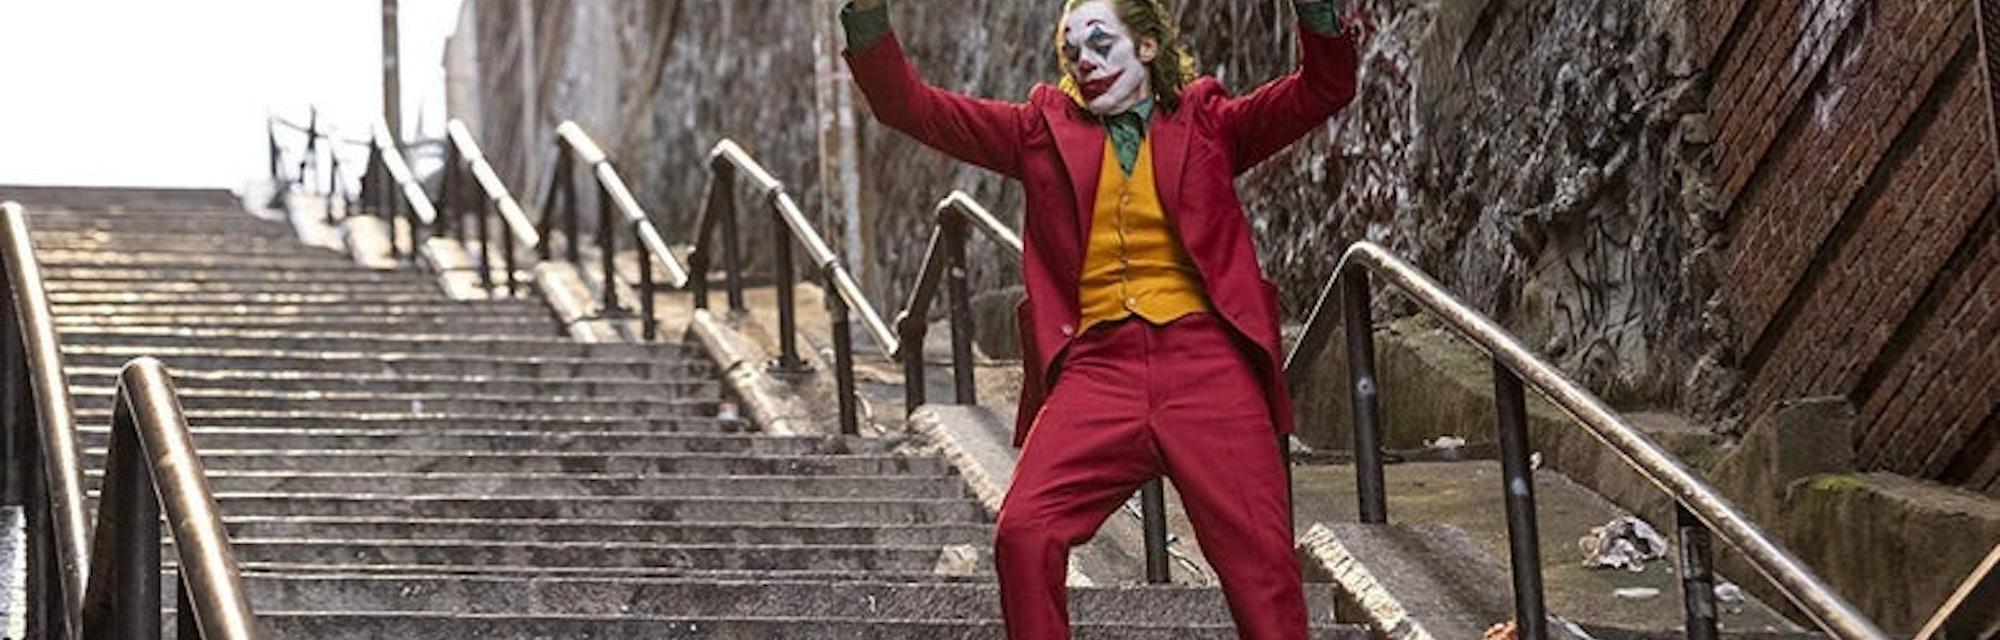 Joker stream